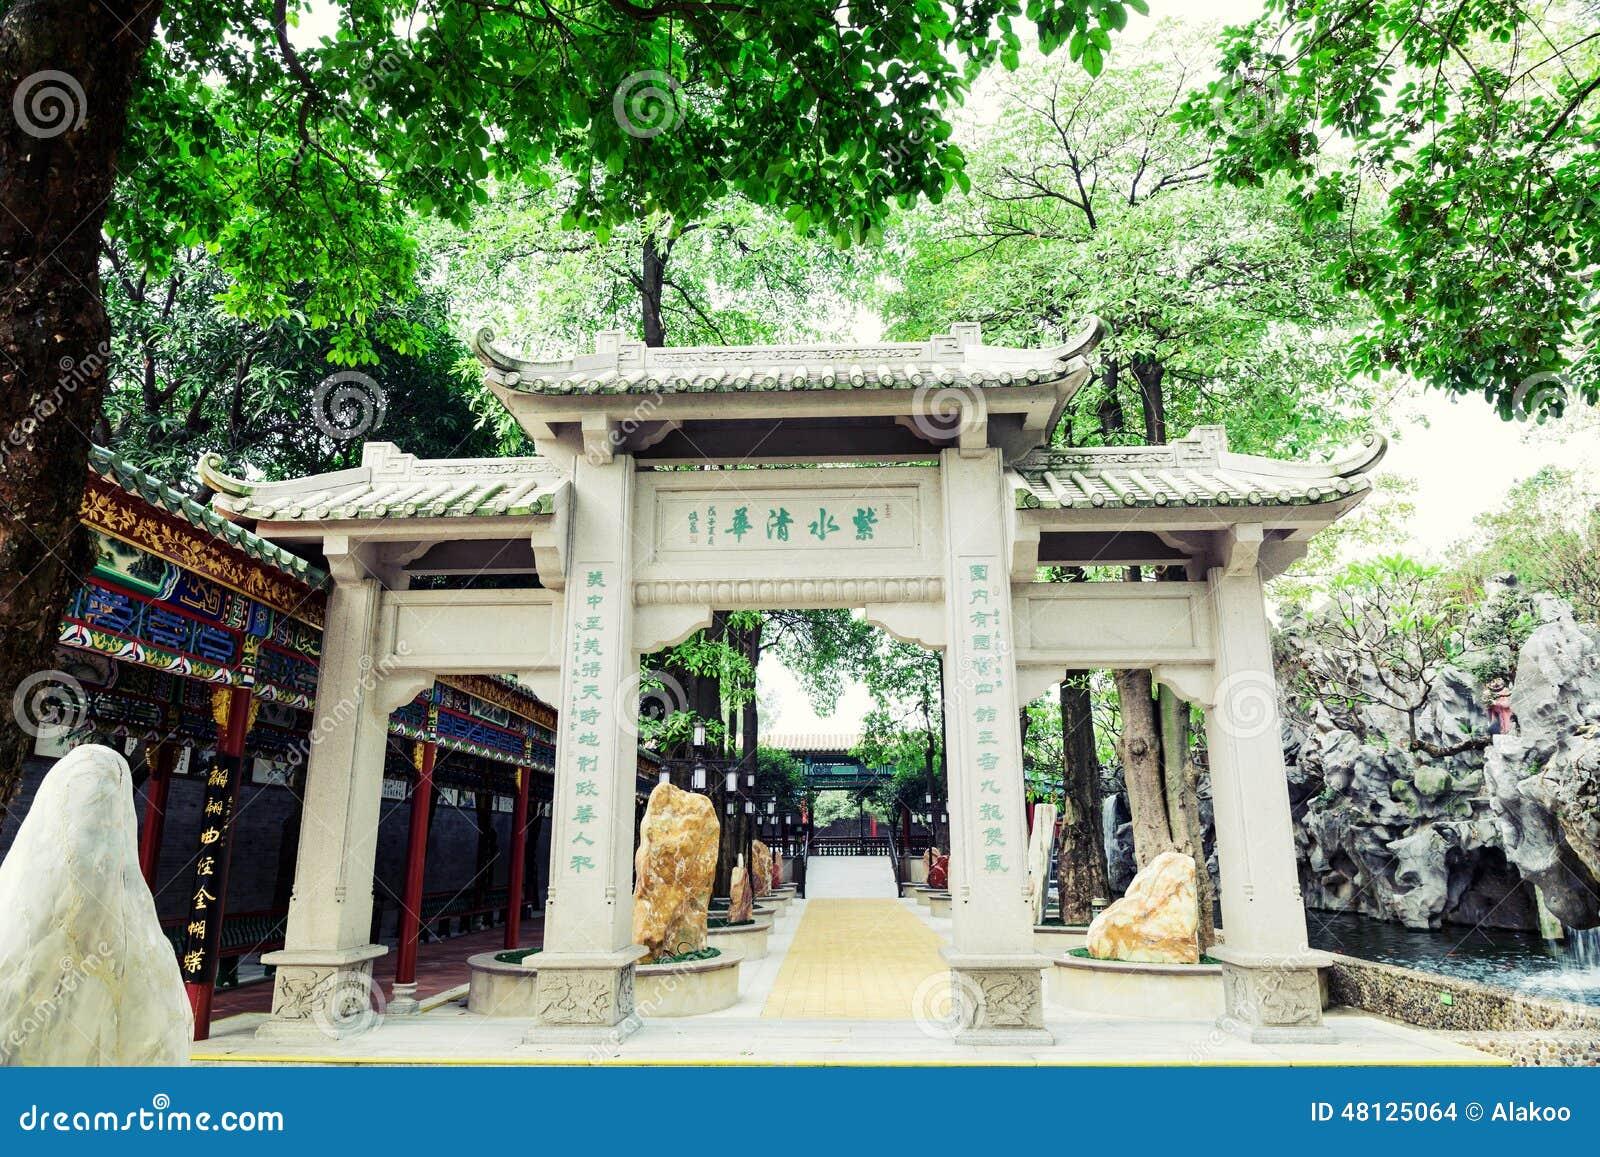 Αναμνηστική αψίδα παραδοσιακού κινέζικου στον αρχαίο κινεζικό κήπο, ανατολική ασιατική κλασσική αρχιτεκτονική στην Κίνα